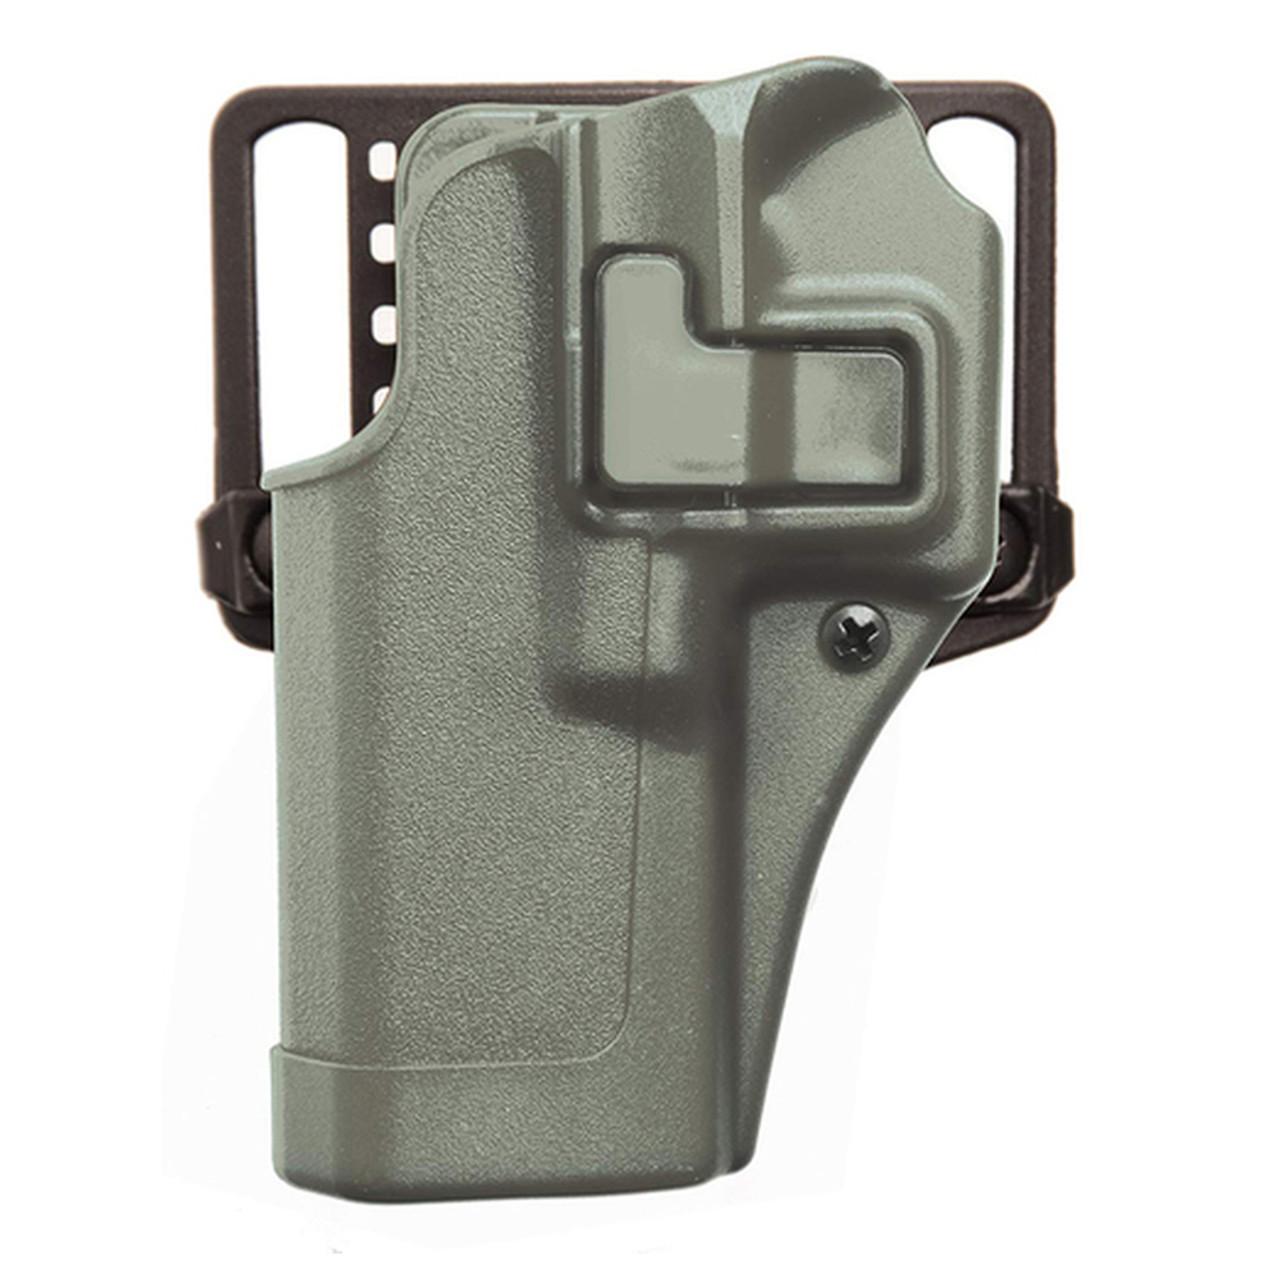 Blackhawk Durable Serpa Auto Lock Release CQC Concealment Holster Matte Black